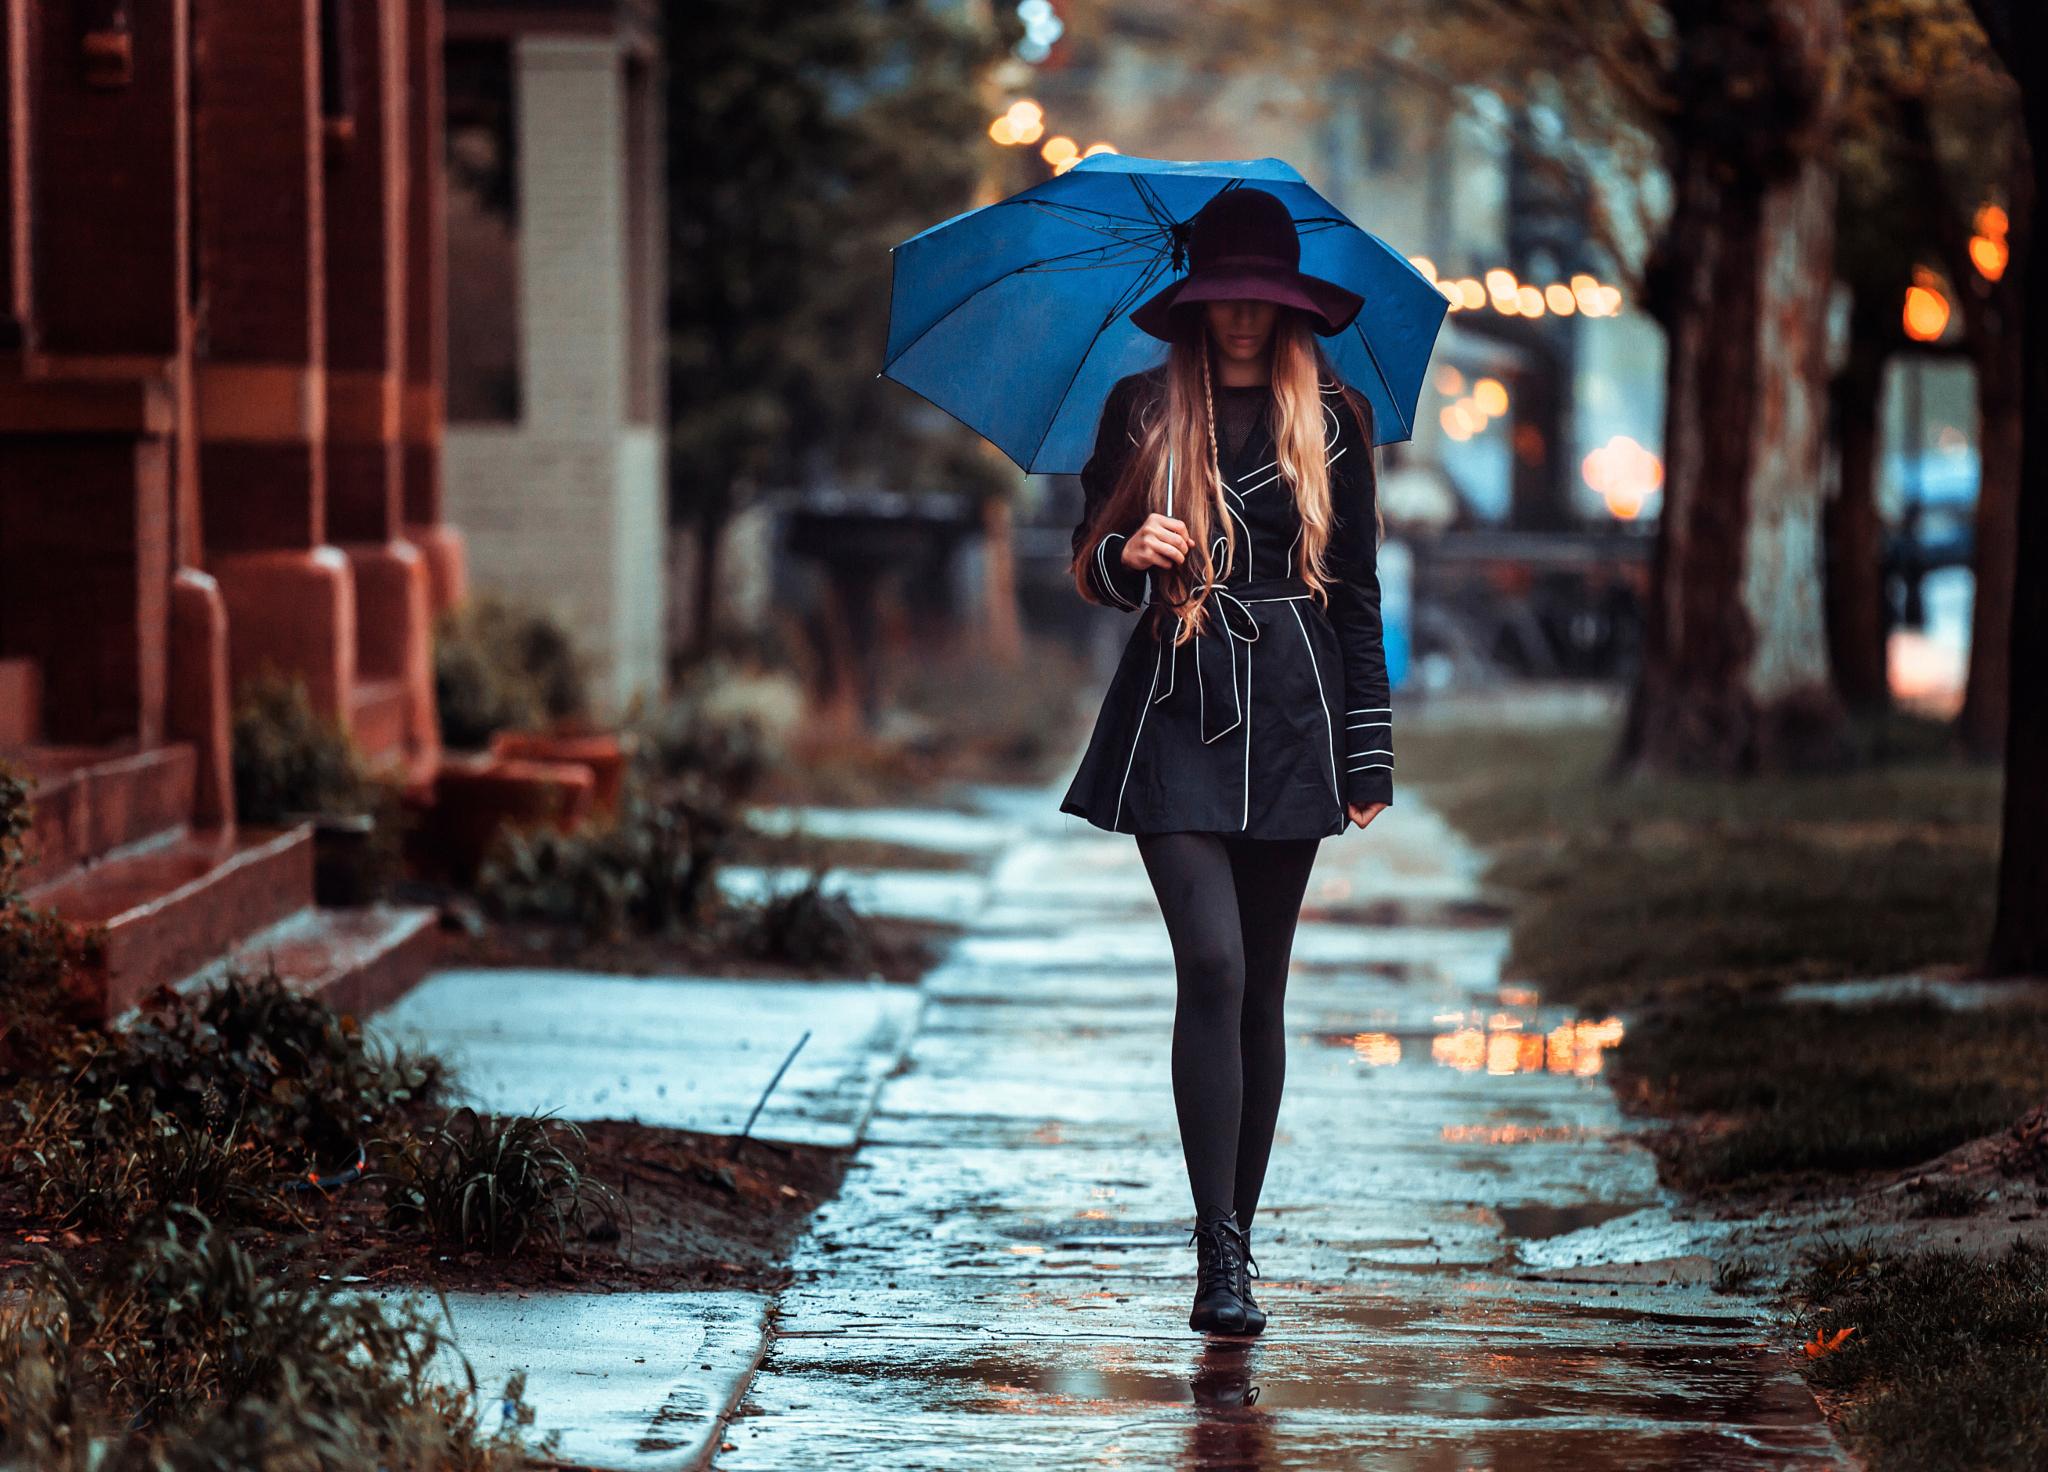 лечат ихчистотелом, фотосессии на улице в дождь сортов